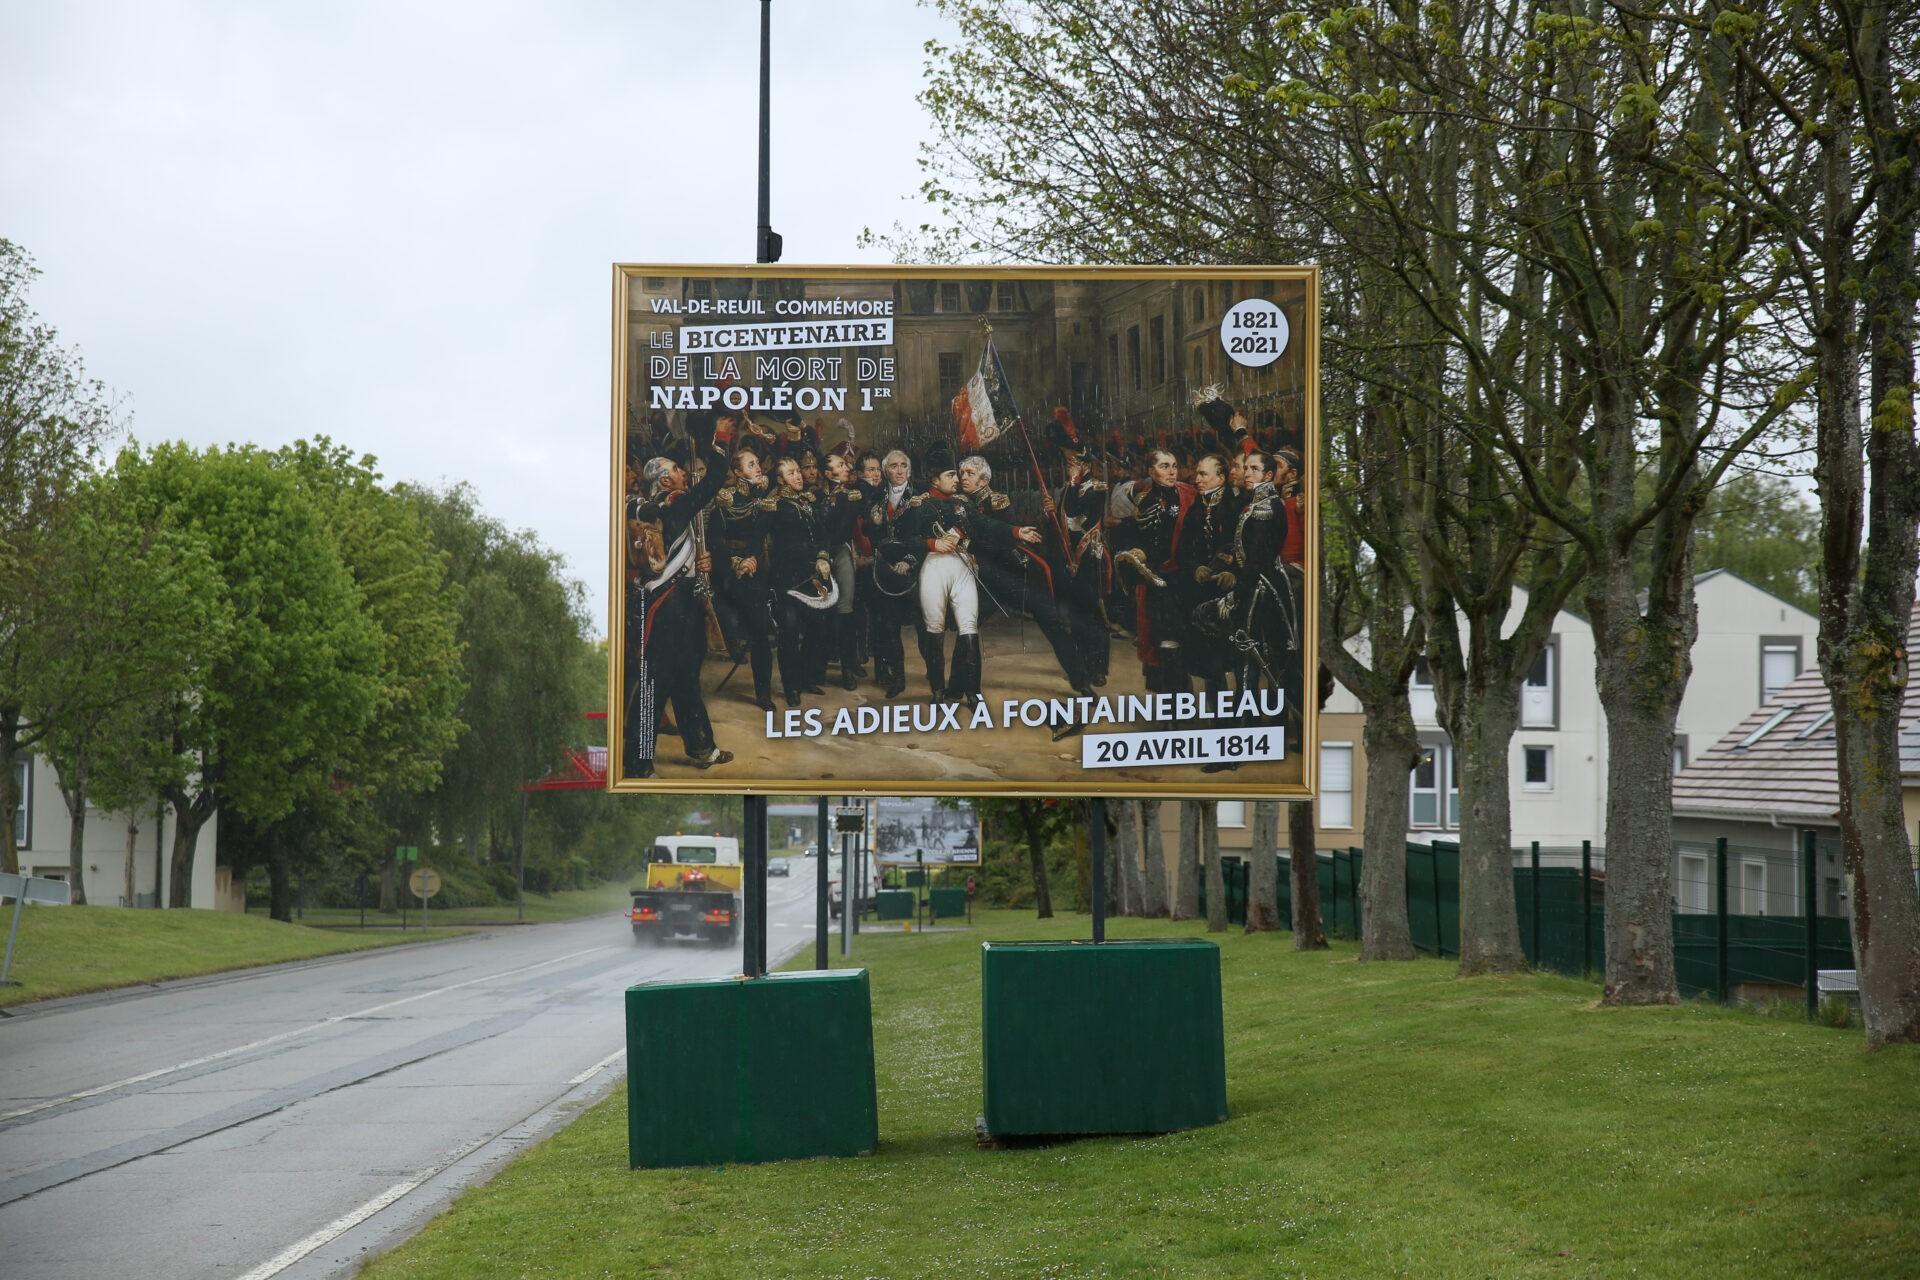 Val-de-Reuil commémore le bicentenaire de la mort de Napoléon